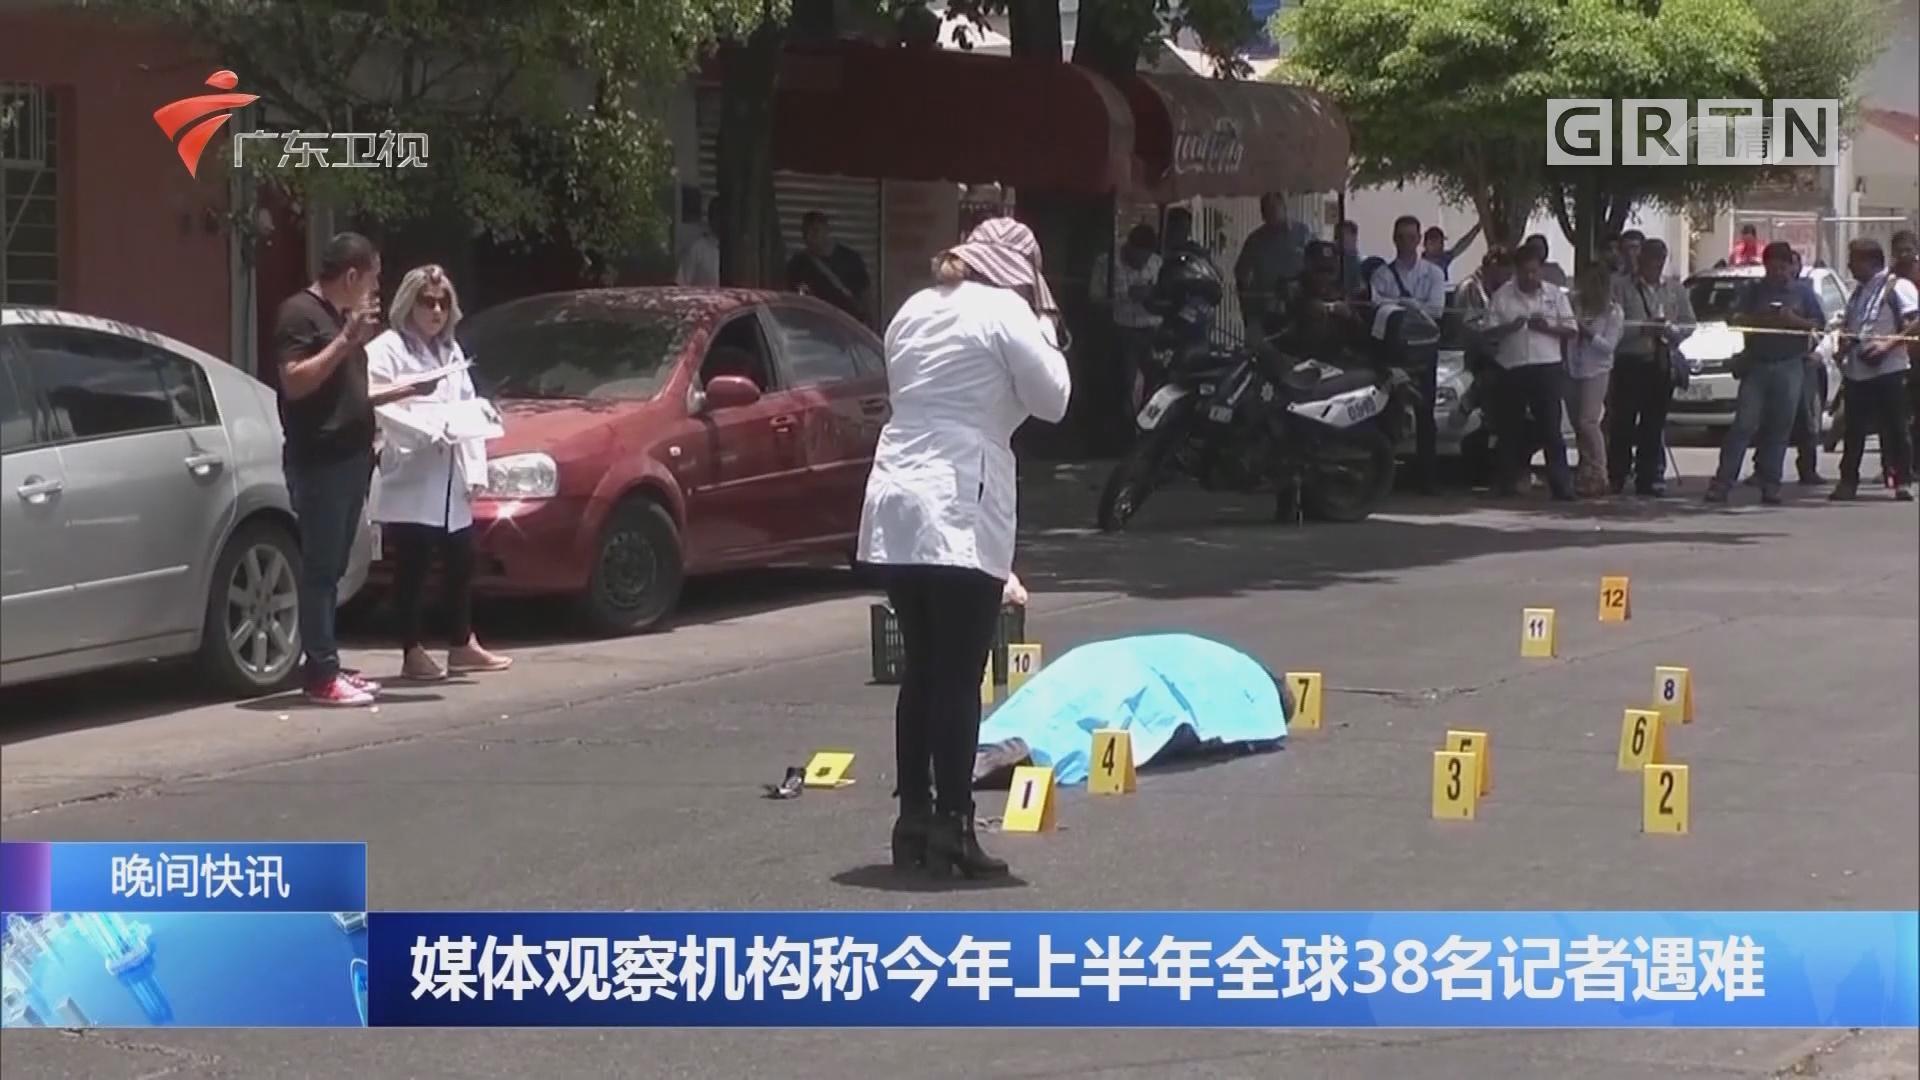 媒体观察机构称今年上半年全球38名记者遇难